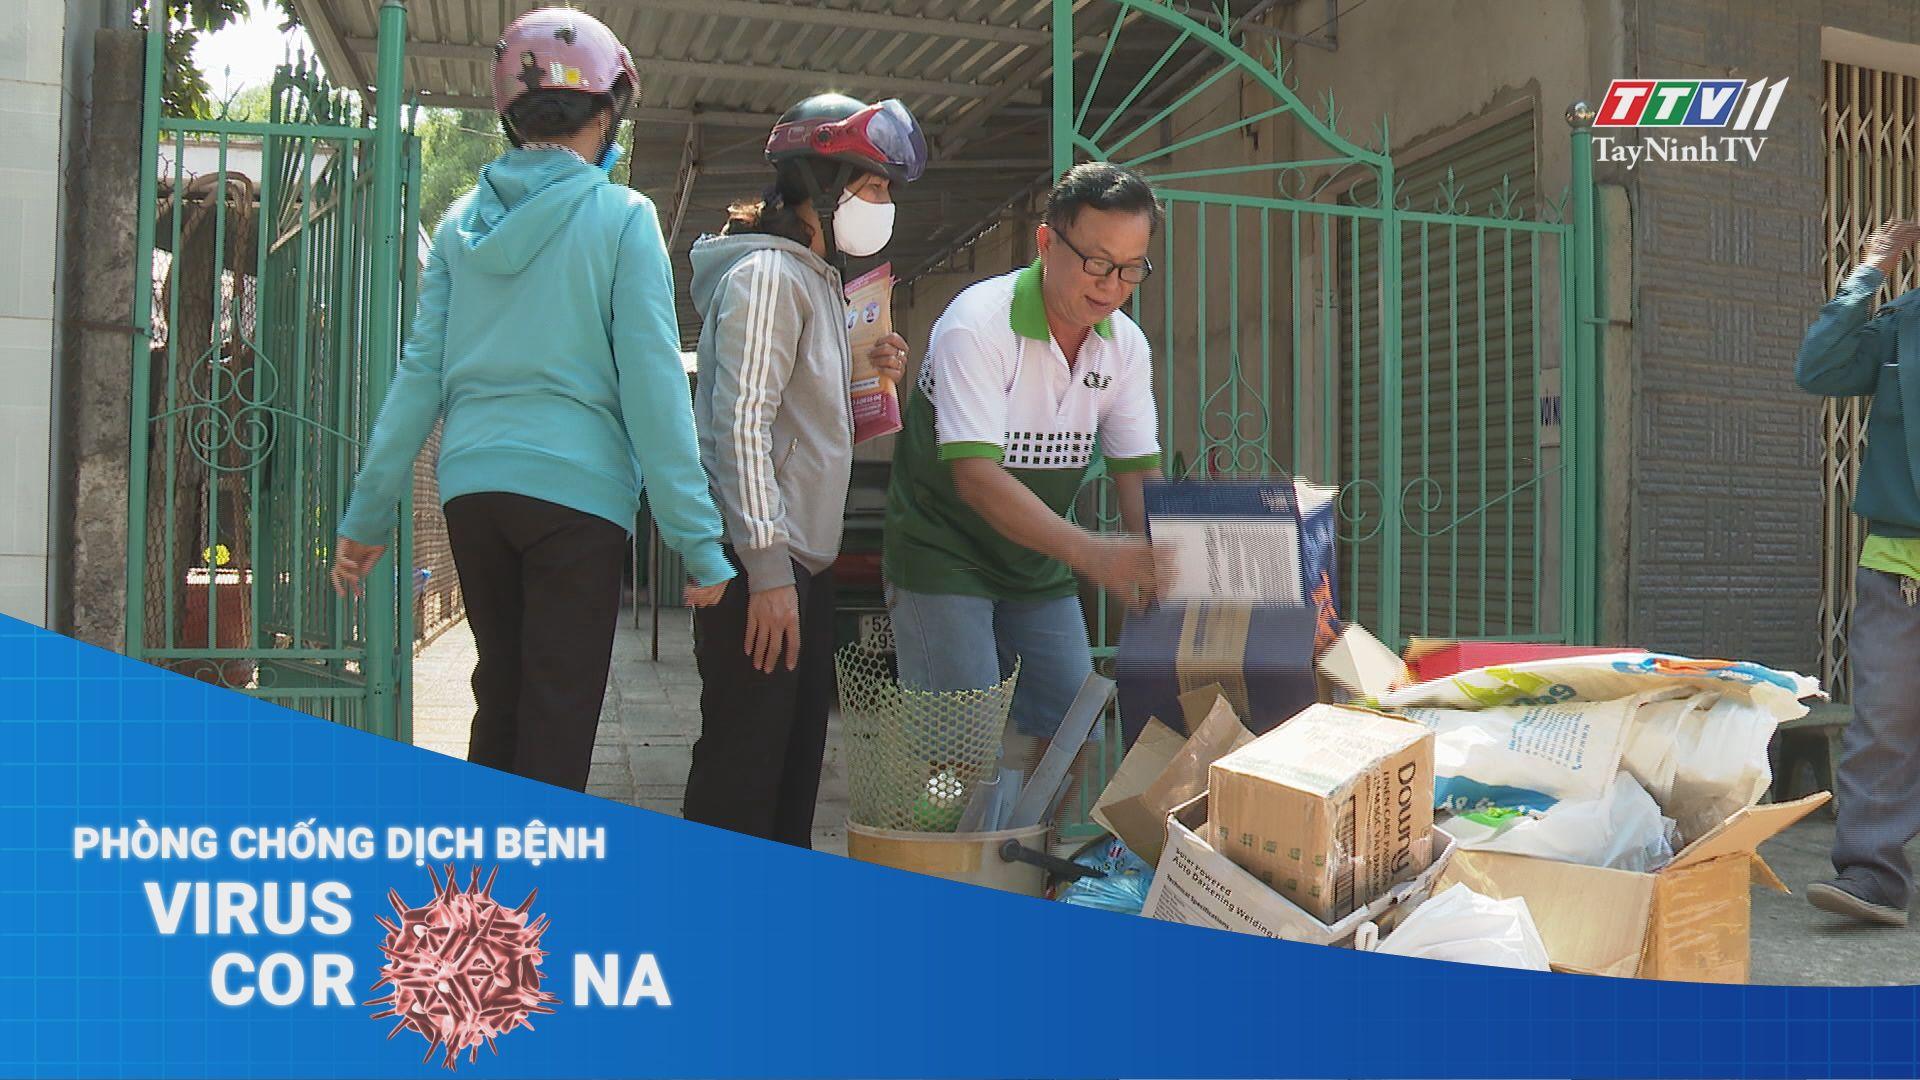 Đổi rác thải lấy khẩu trang y tế | THÔNG TIN DỊCH CÚM COVID-19 | TayNinhTV